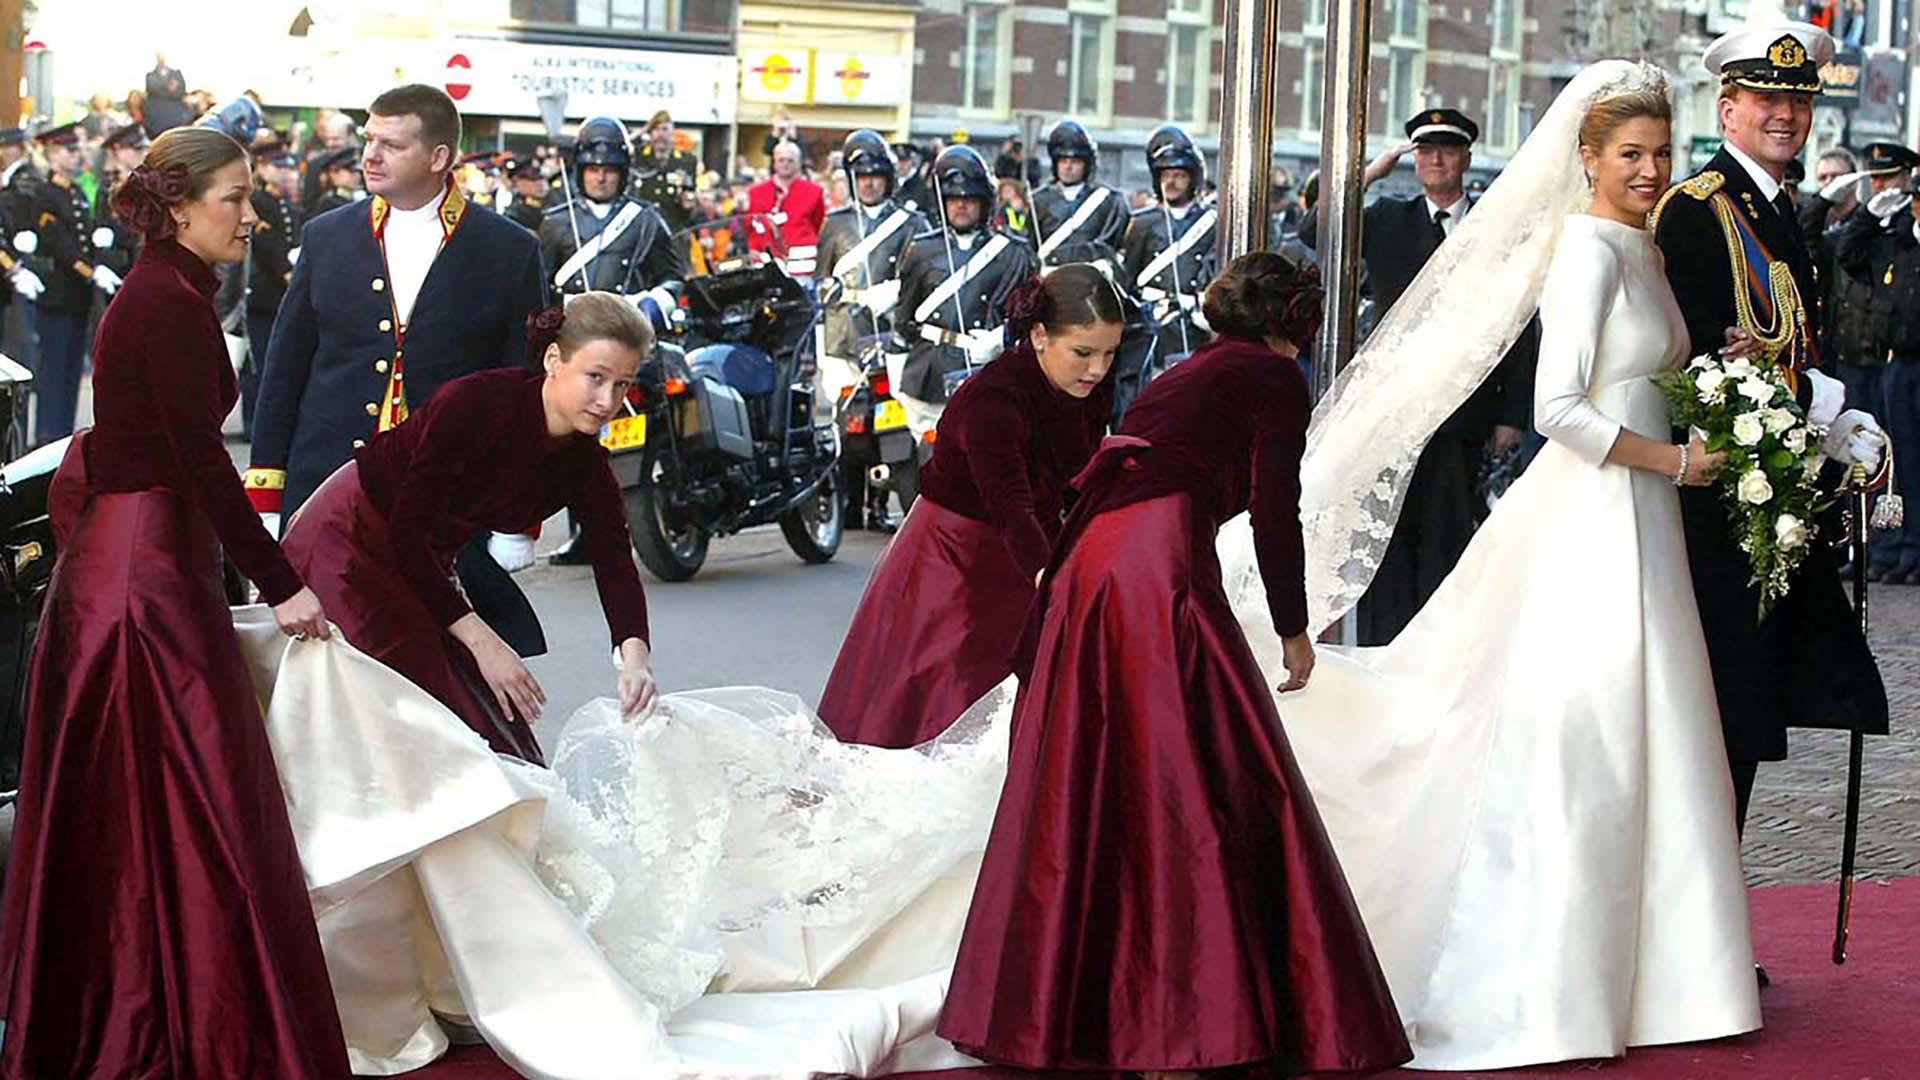 """El 2 de febrero de 2002, Máxima se casó con Guillermo de Holanda. Inés fue una de sus Damas de Honor. Tenía 16 años y estaba por terminar la secundaria. En el libro """"Máxima, una historia real"""" se describe: """"Llegó a Holanda con un estudiado look dark, que horrorizaba a María Pame y preocupó a algunos consejeros de la corona. Máxima, amable y tajante, advirtió que no se metieran con ella"""""""